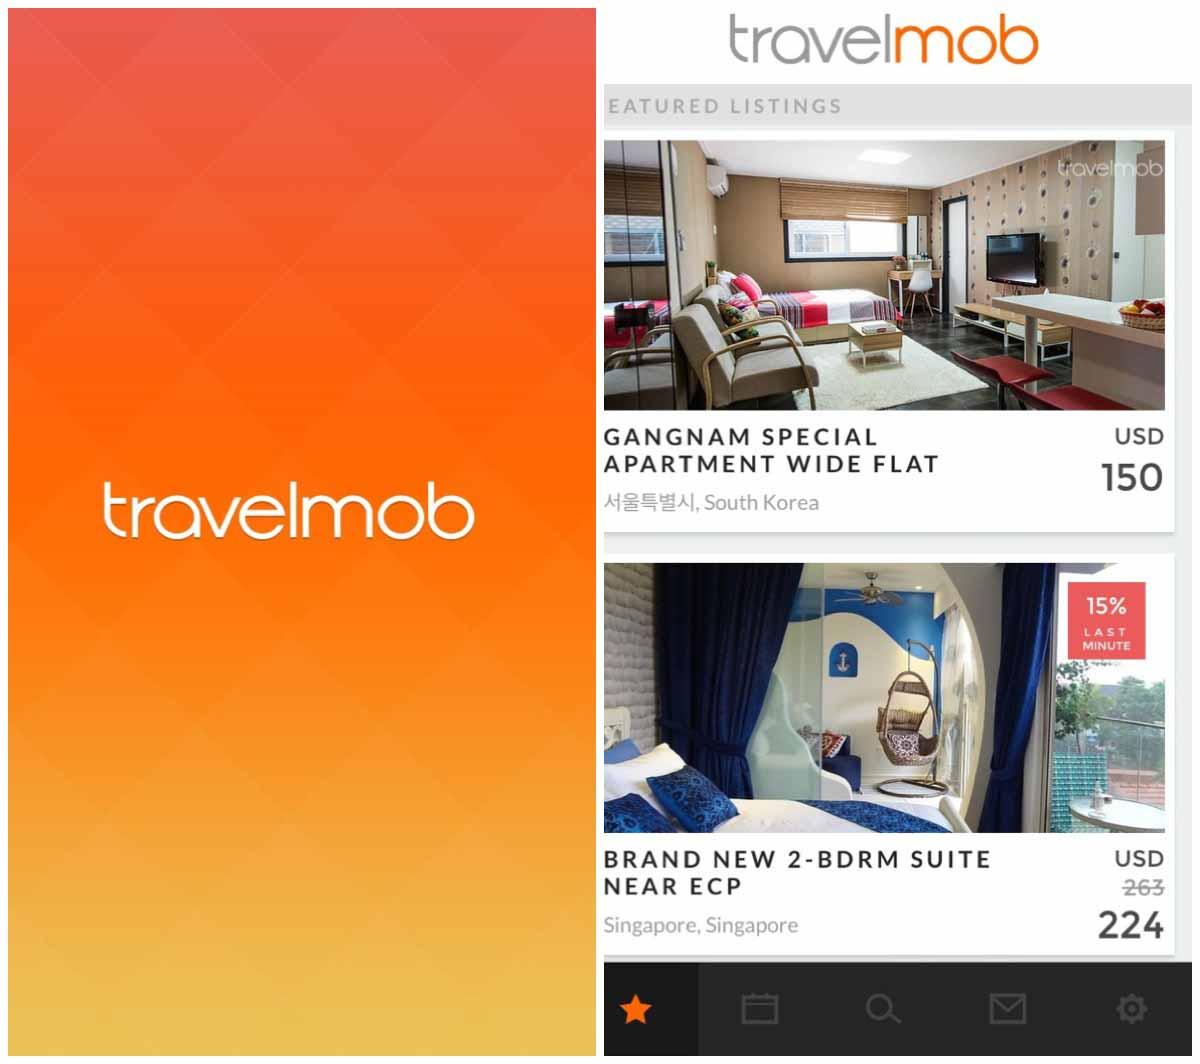 10mobileapps-travelmob